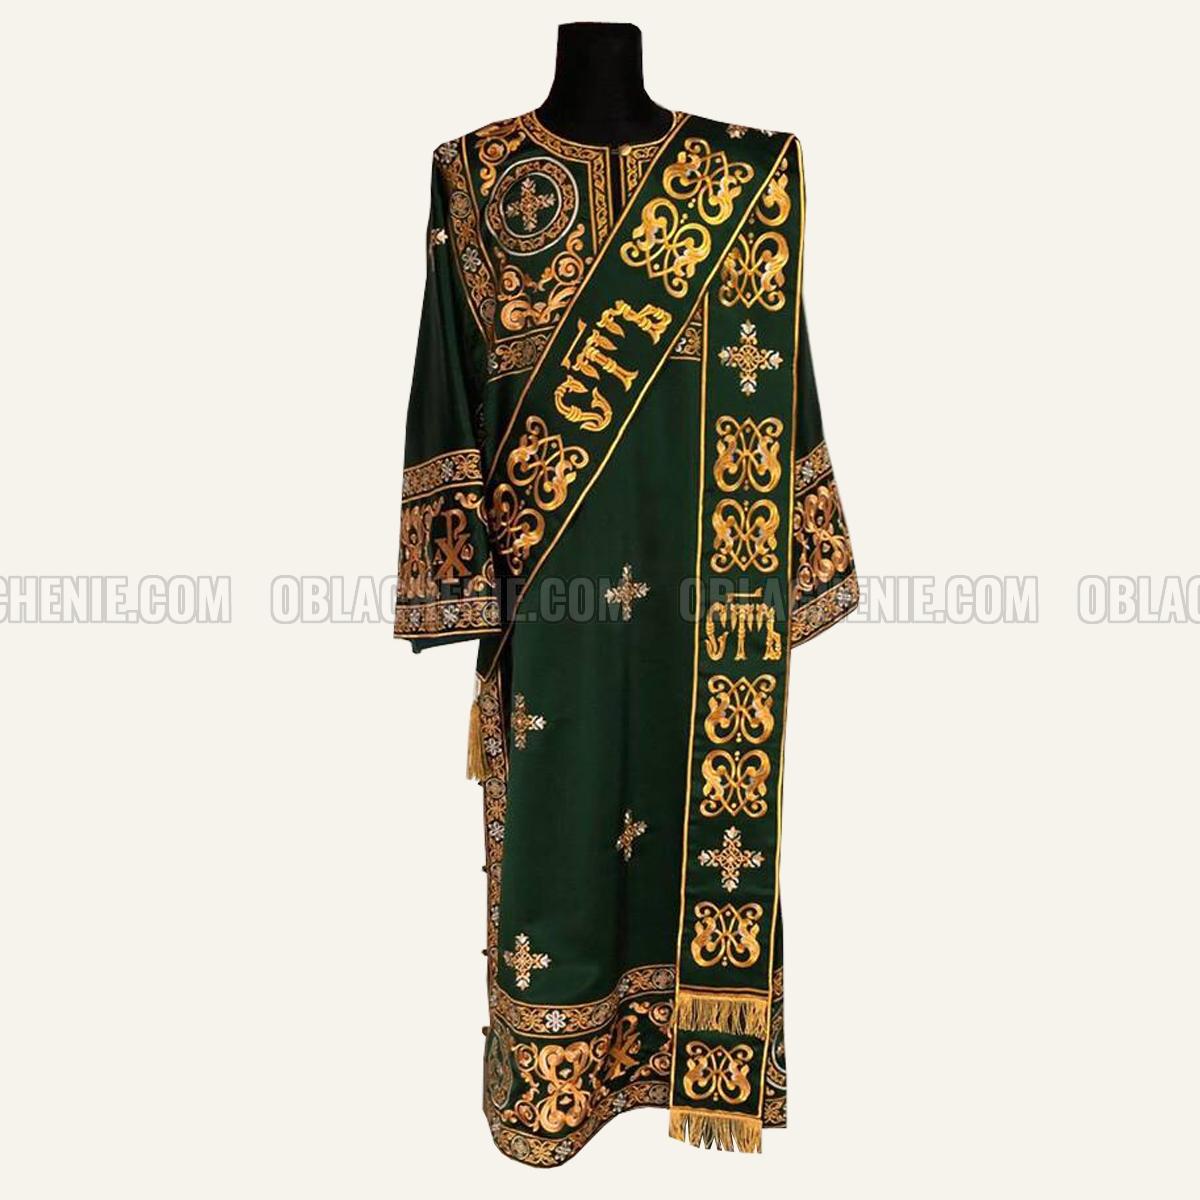 Deacon's vestments 10341